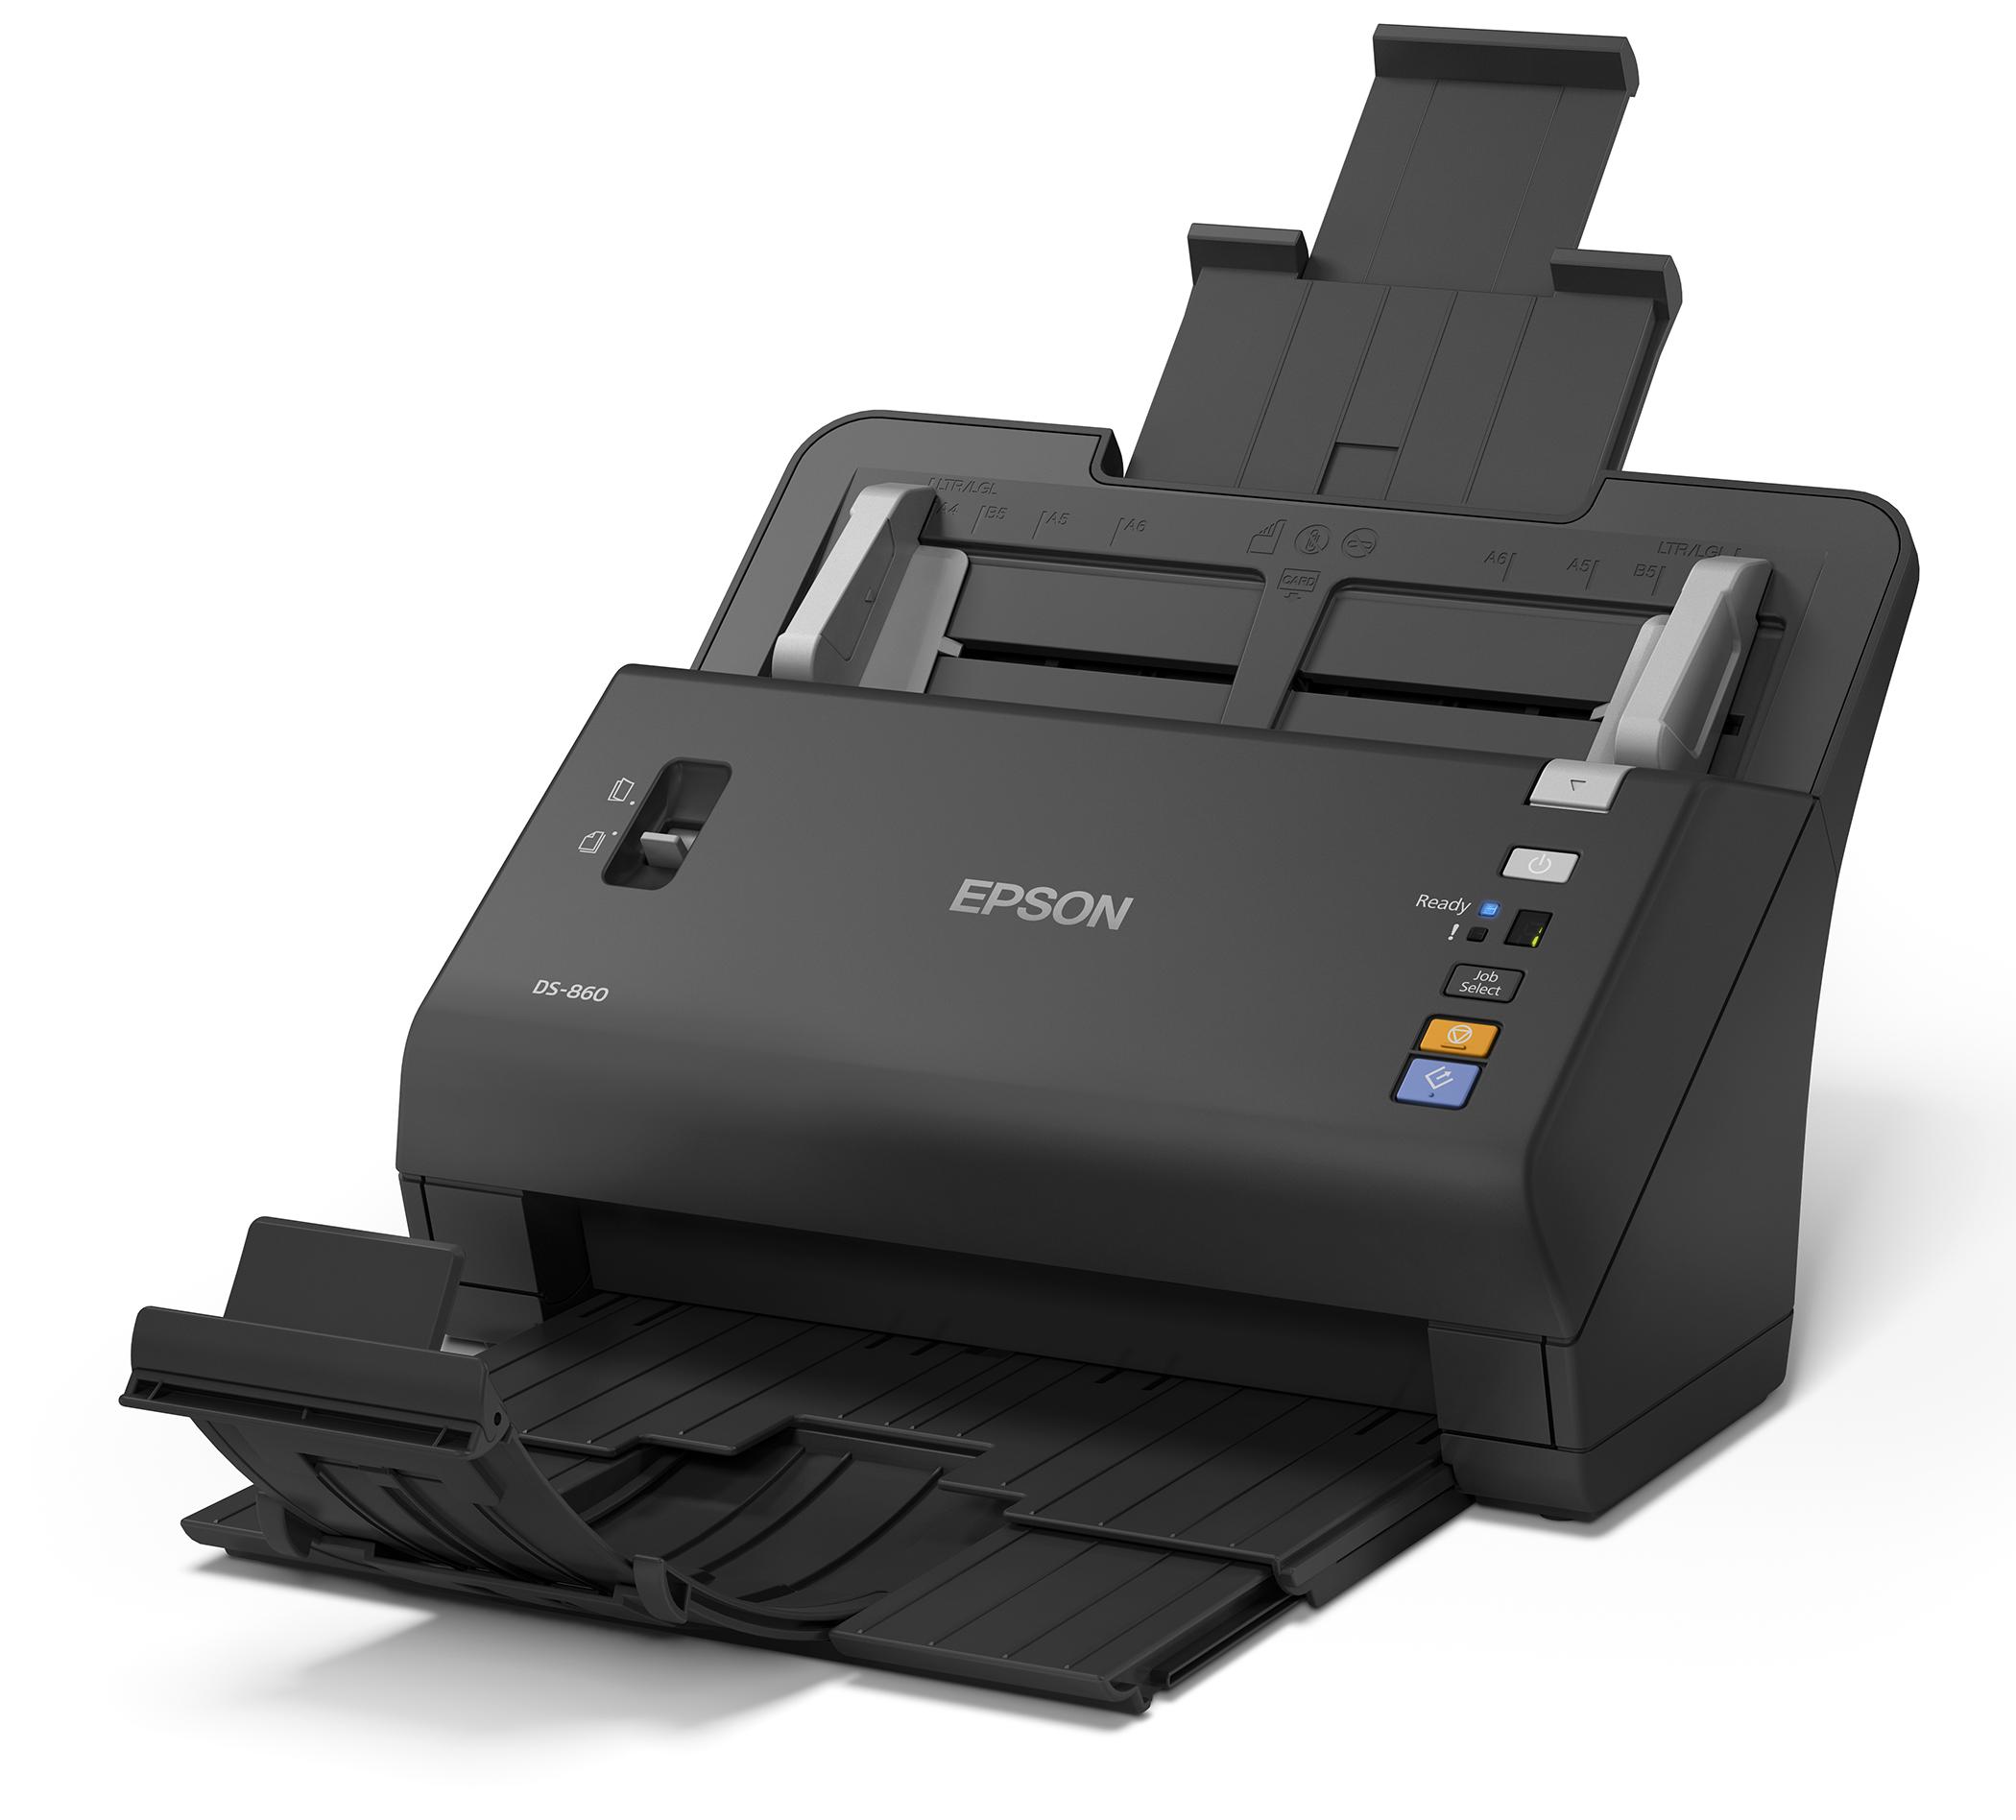 Epson DS760 Scanner